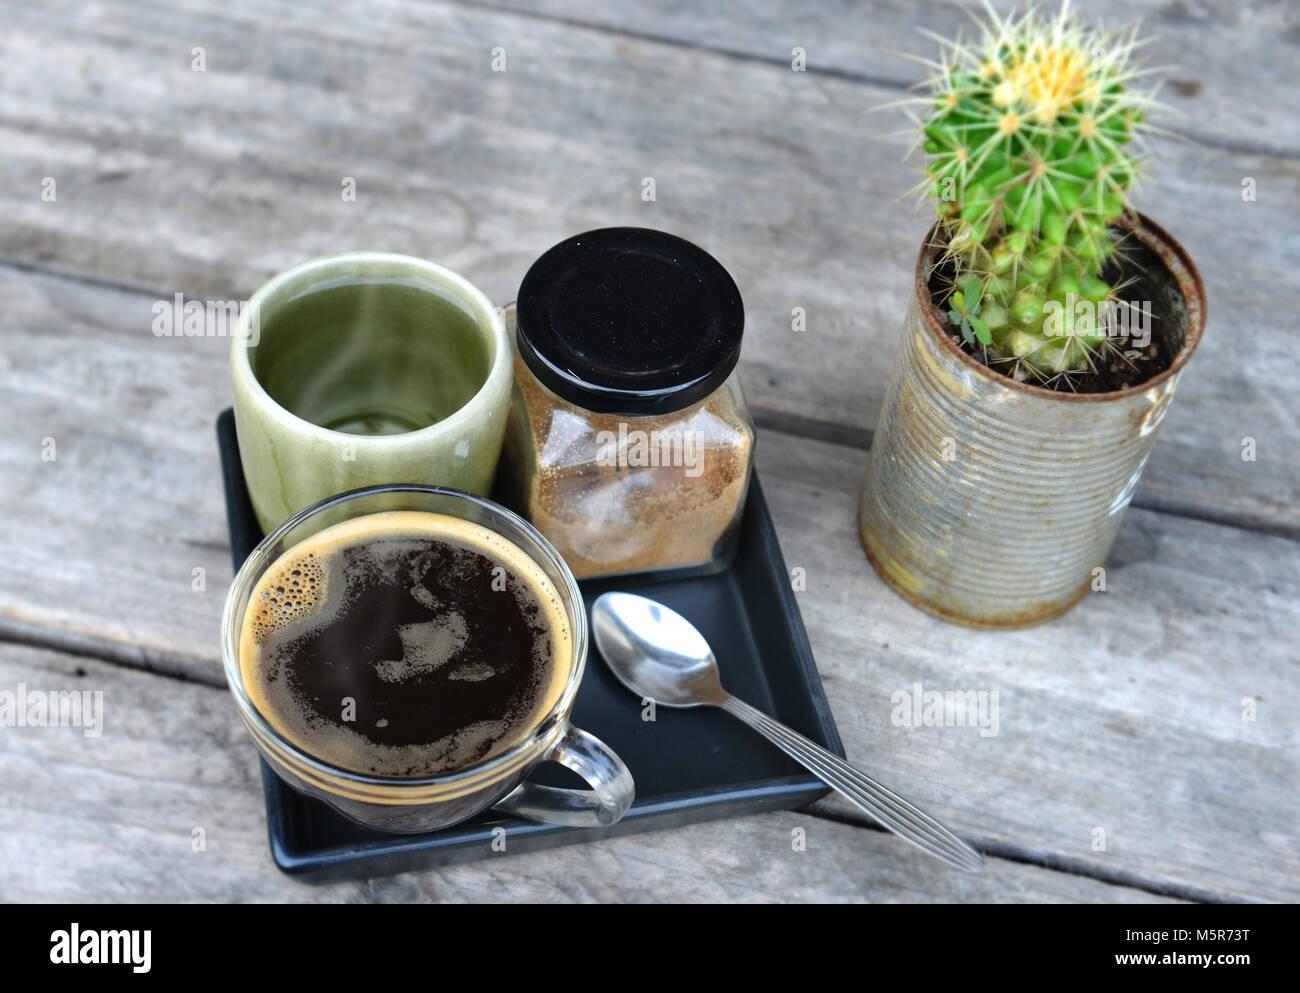 La hora del café en la mañana con agua caliente americano Imagen De Stock